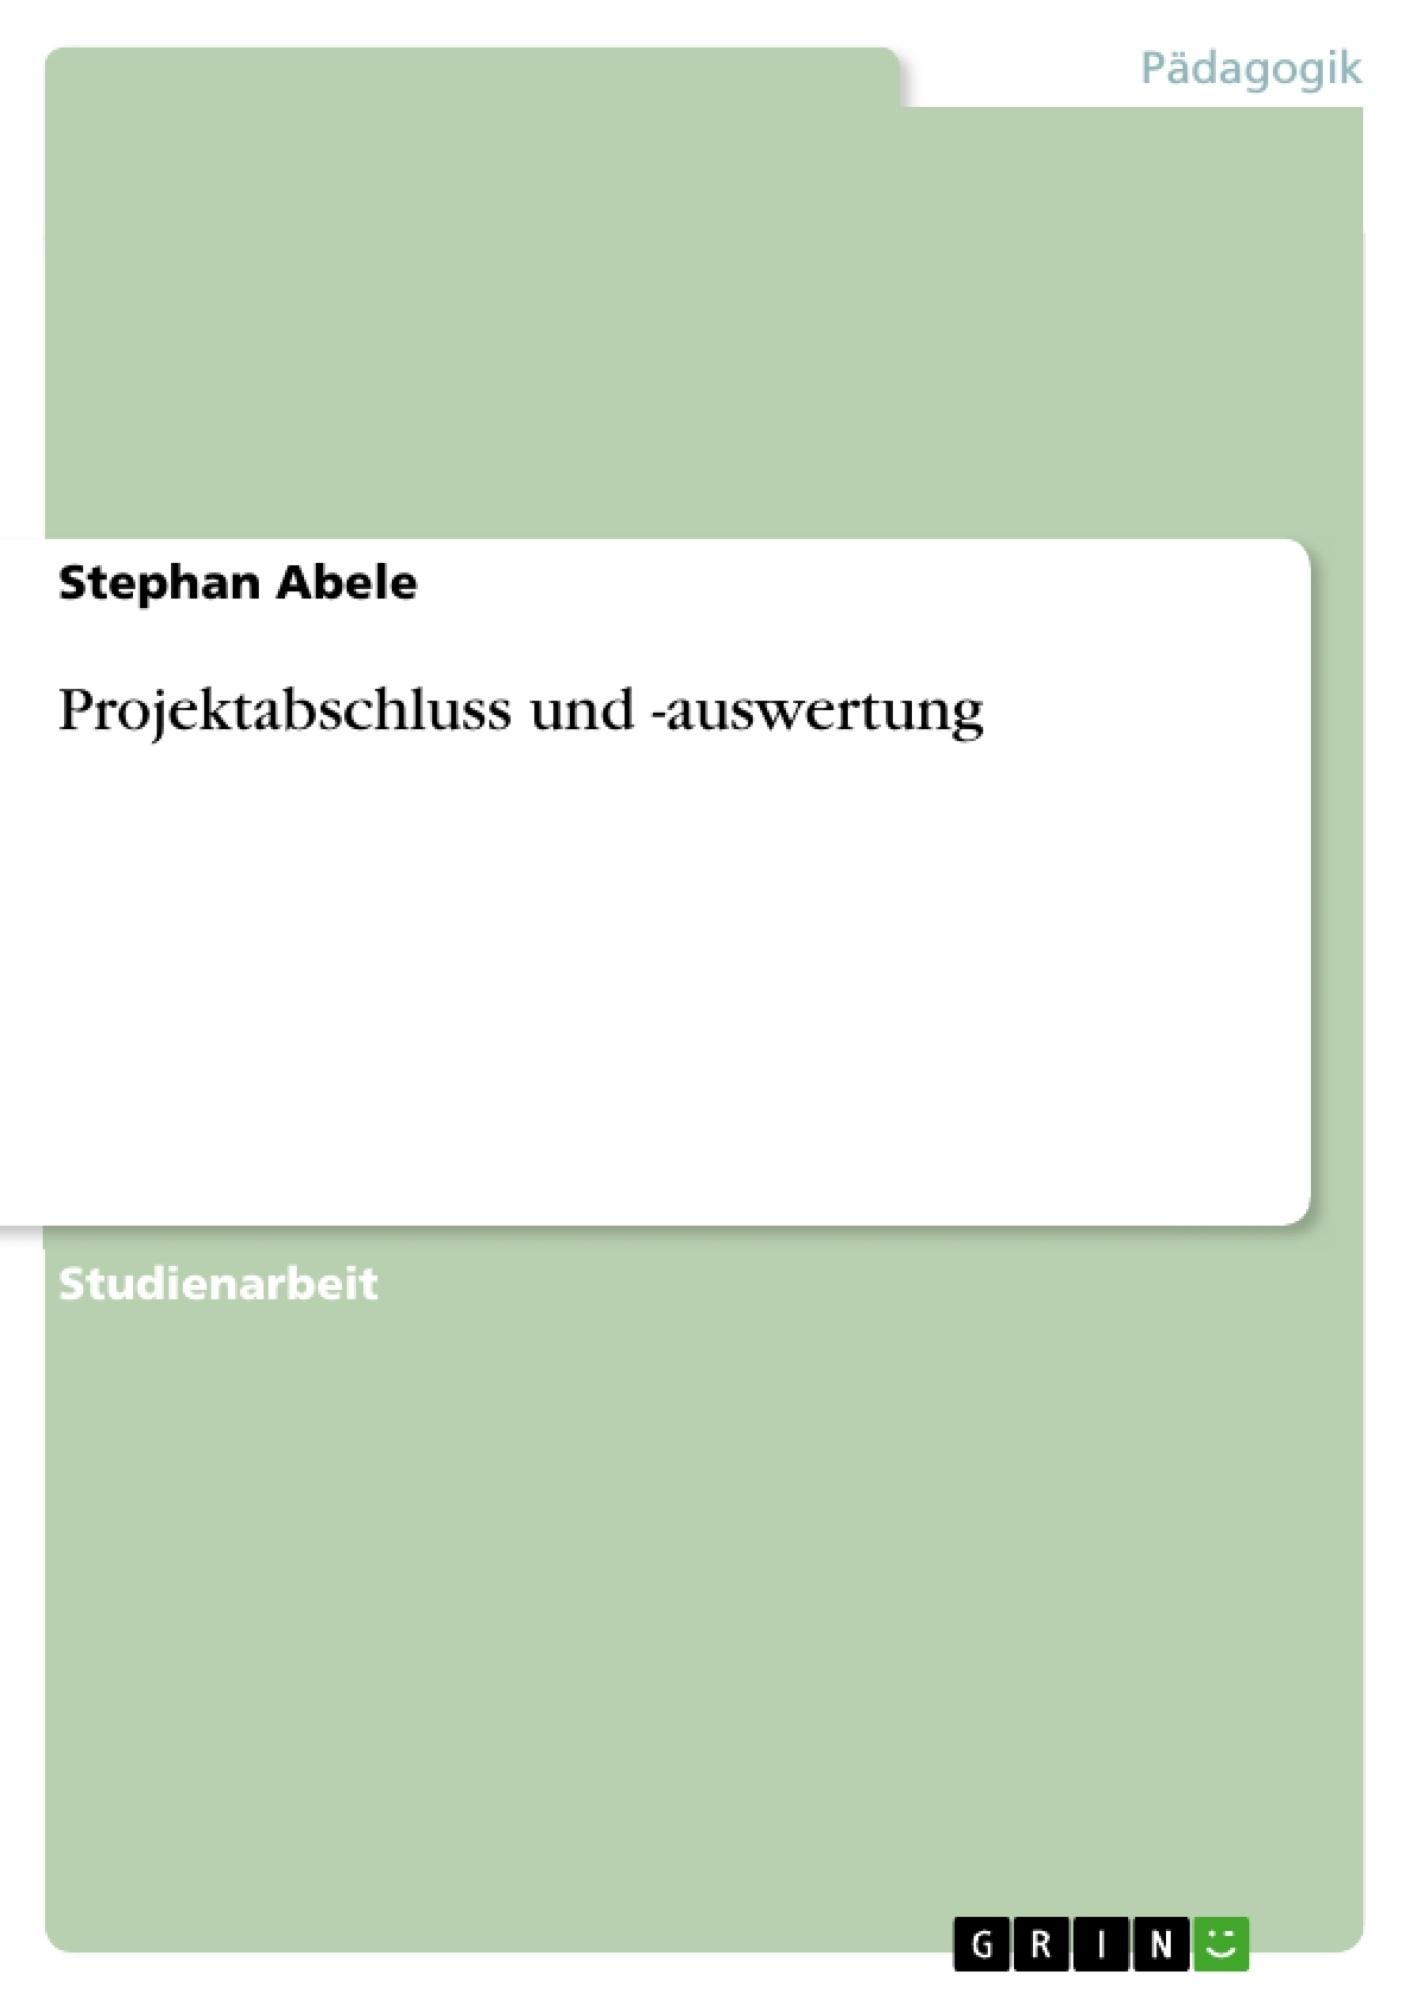 Projektabschluss und -auswertung | Masterarbeit, Hausarbeit ...